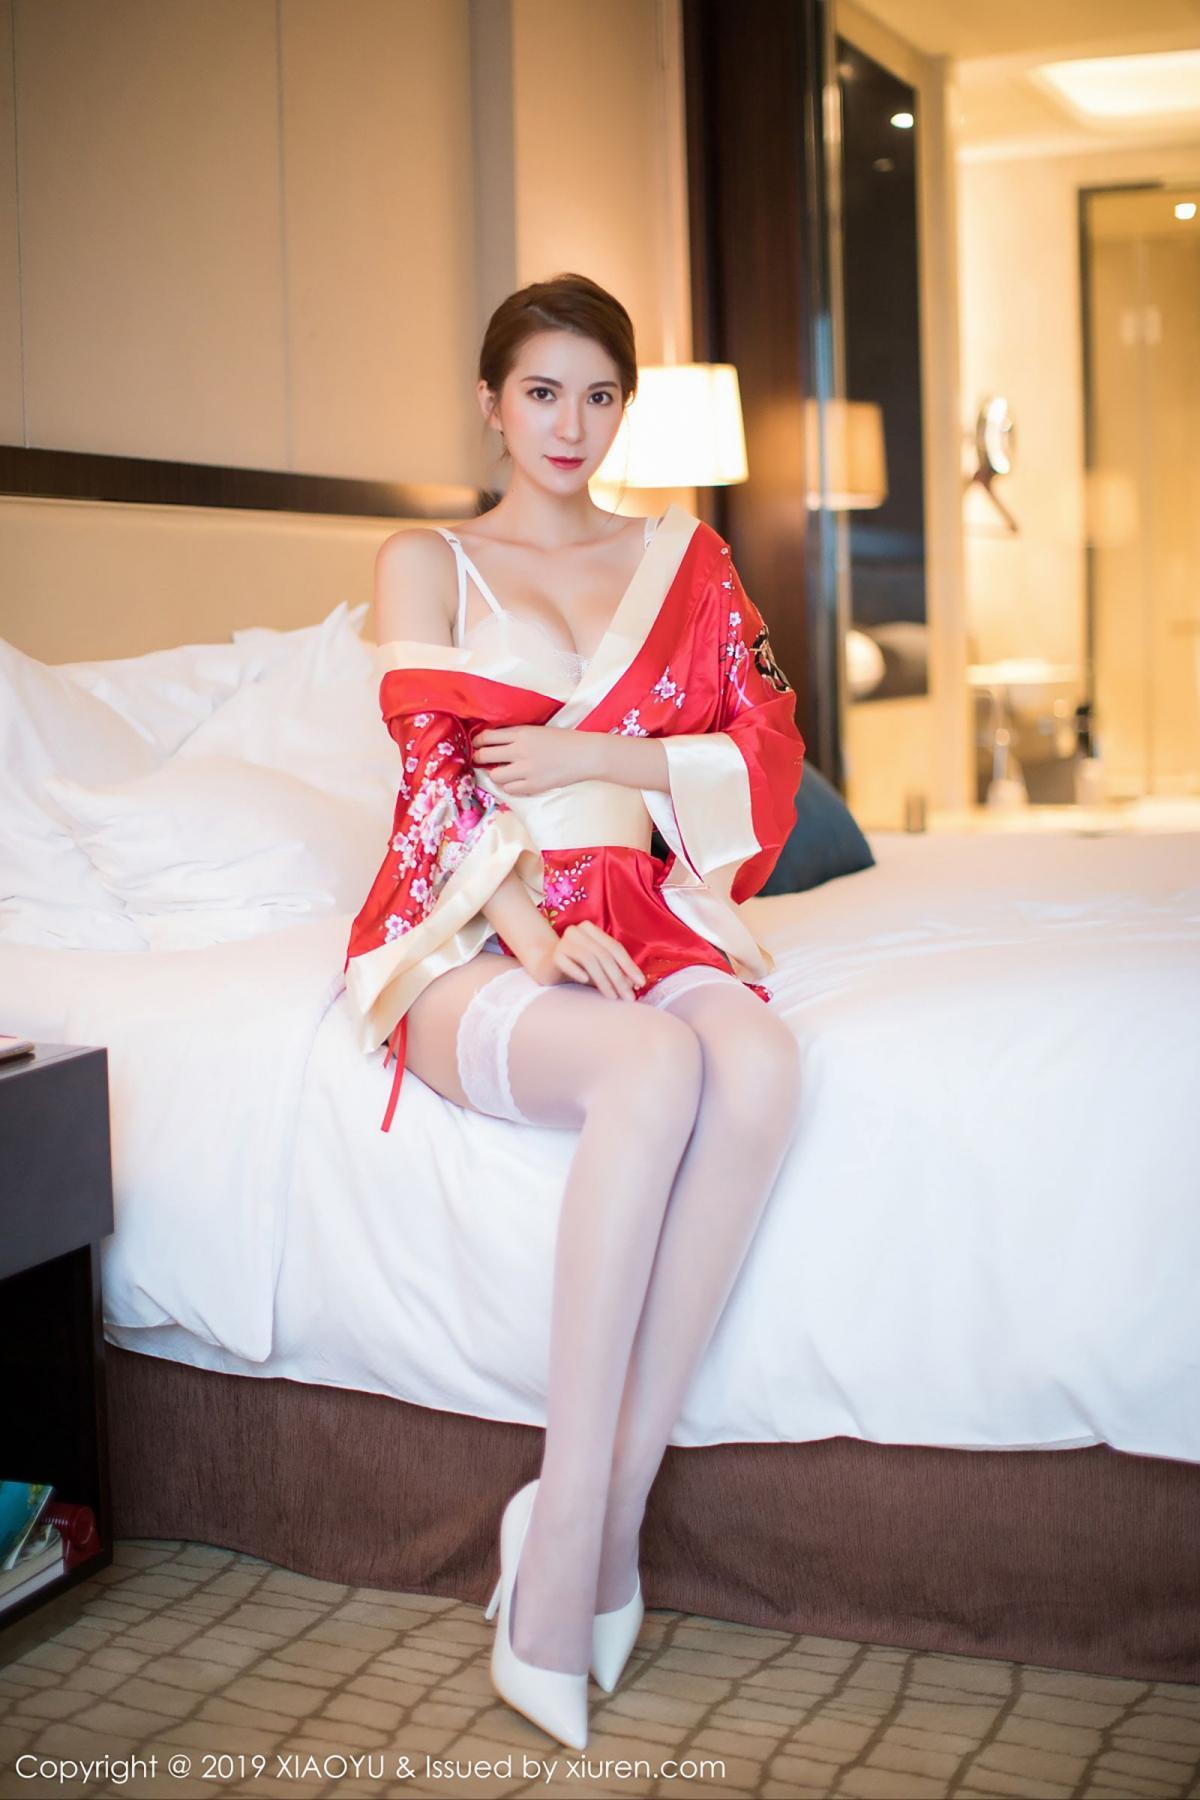 [XiaoYu] Vol.014 Chen Liang Ling 44P, Chen Liang Ling, Kimono, Tall, XiaoYu